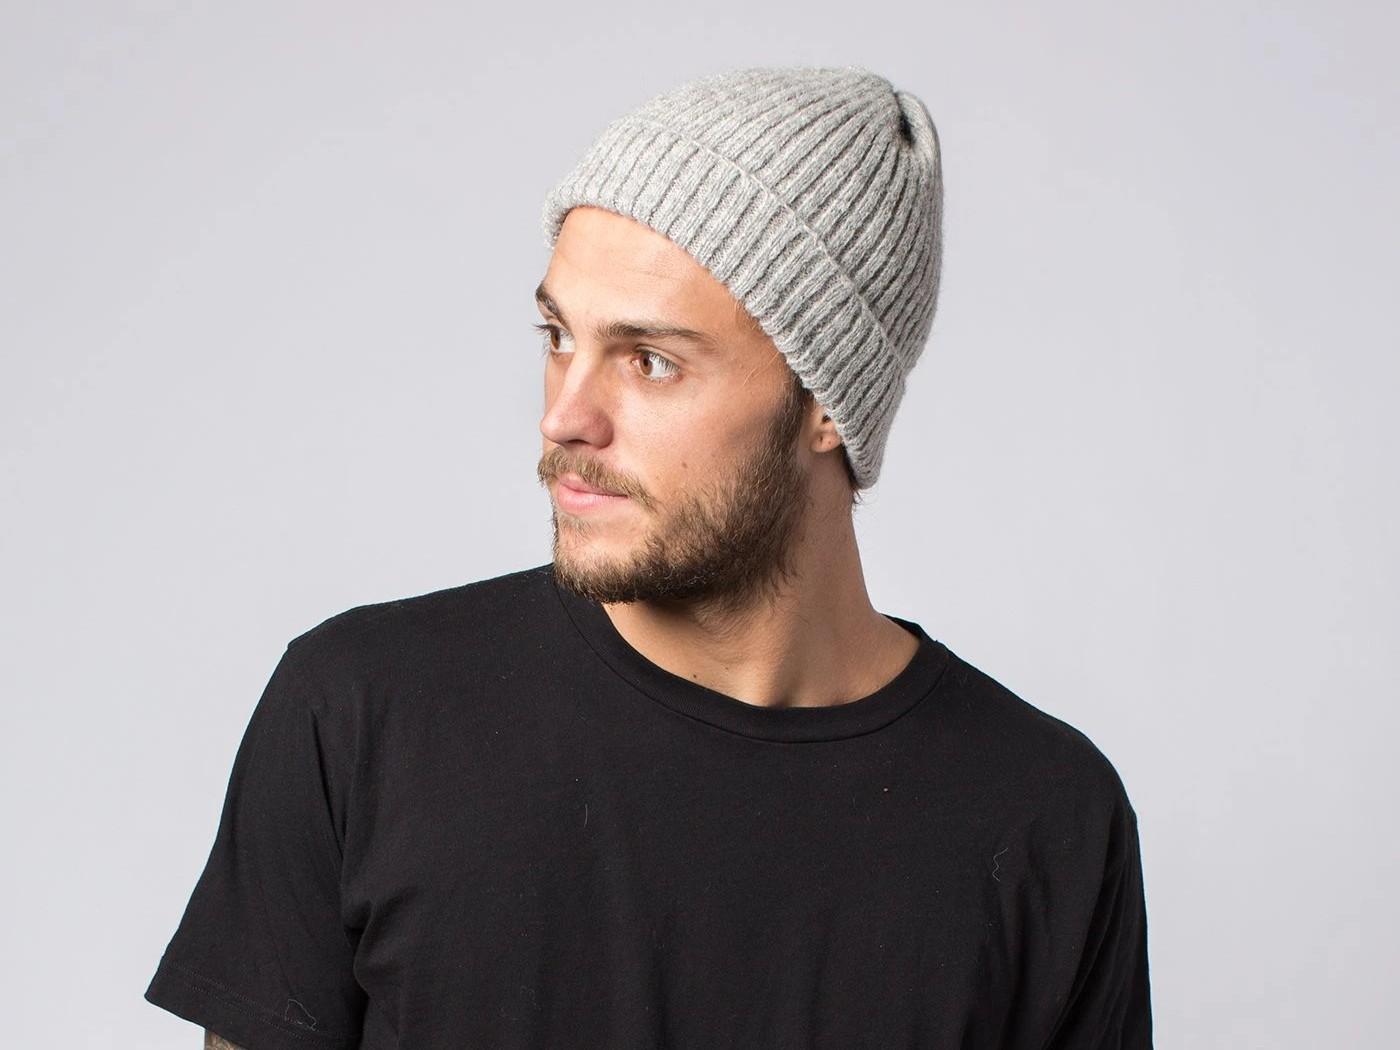 World's Greatest Beanie Knit Hat